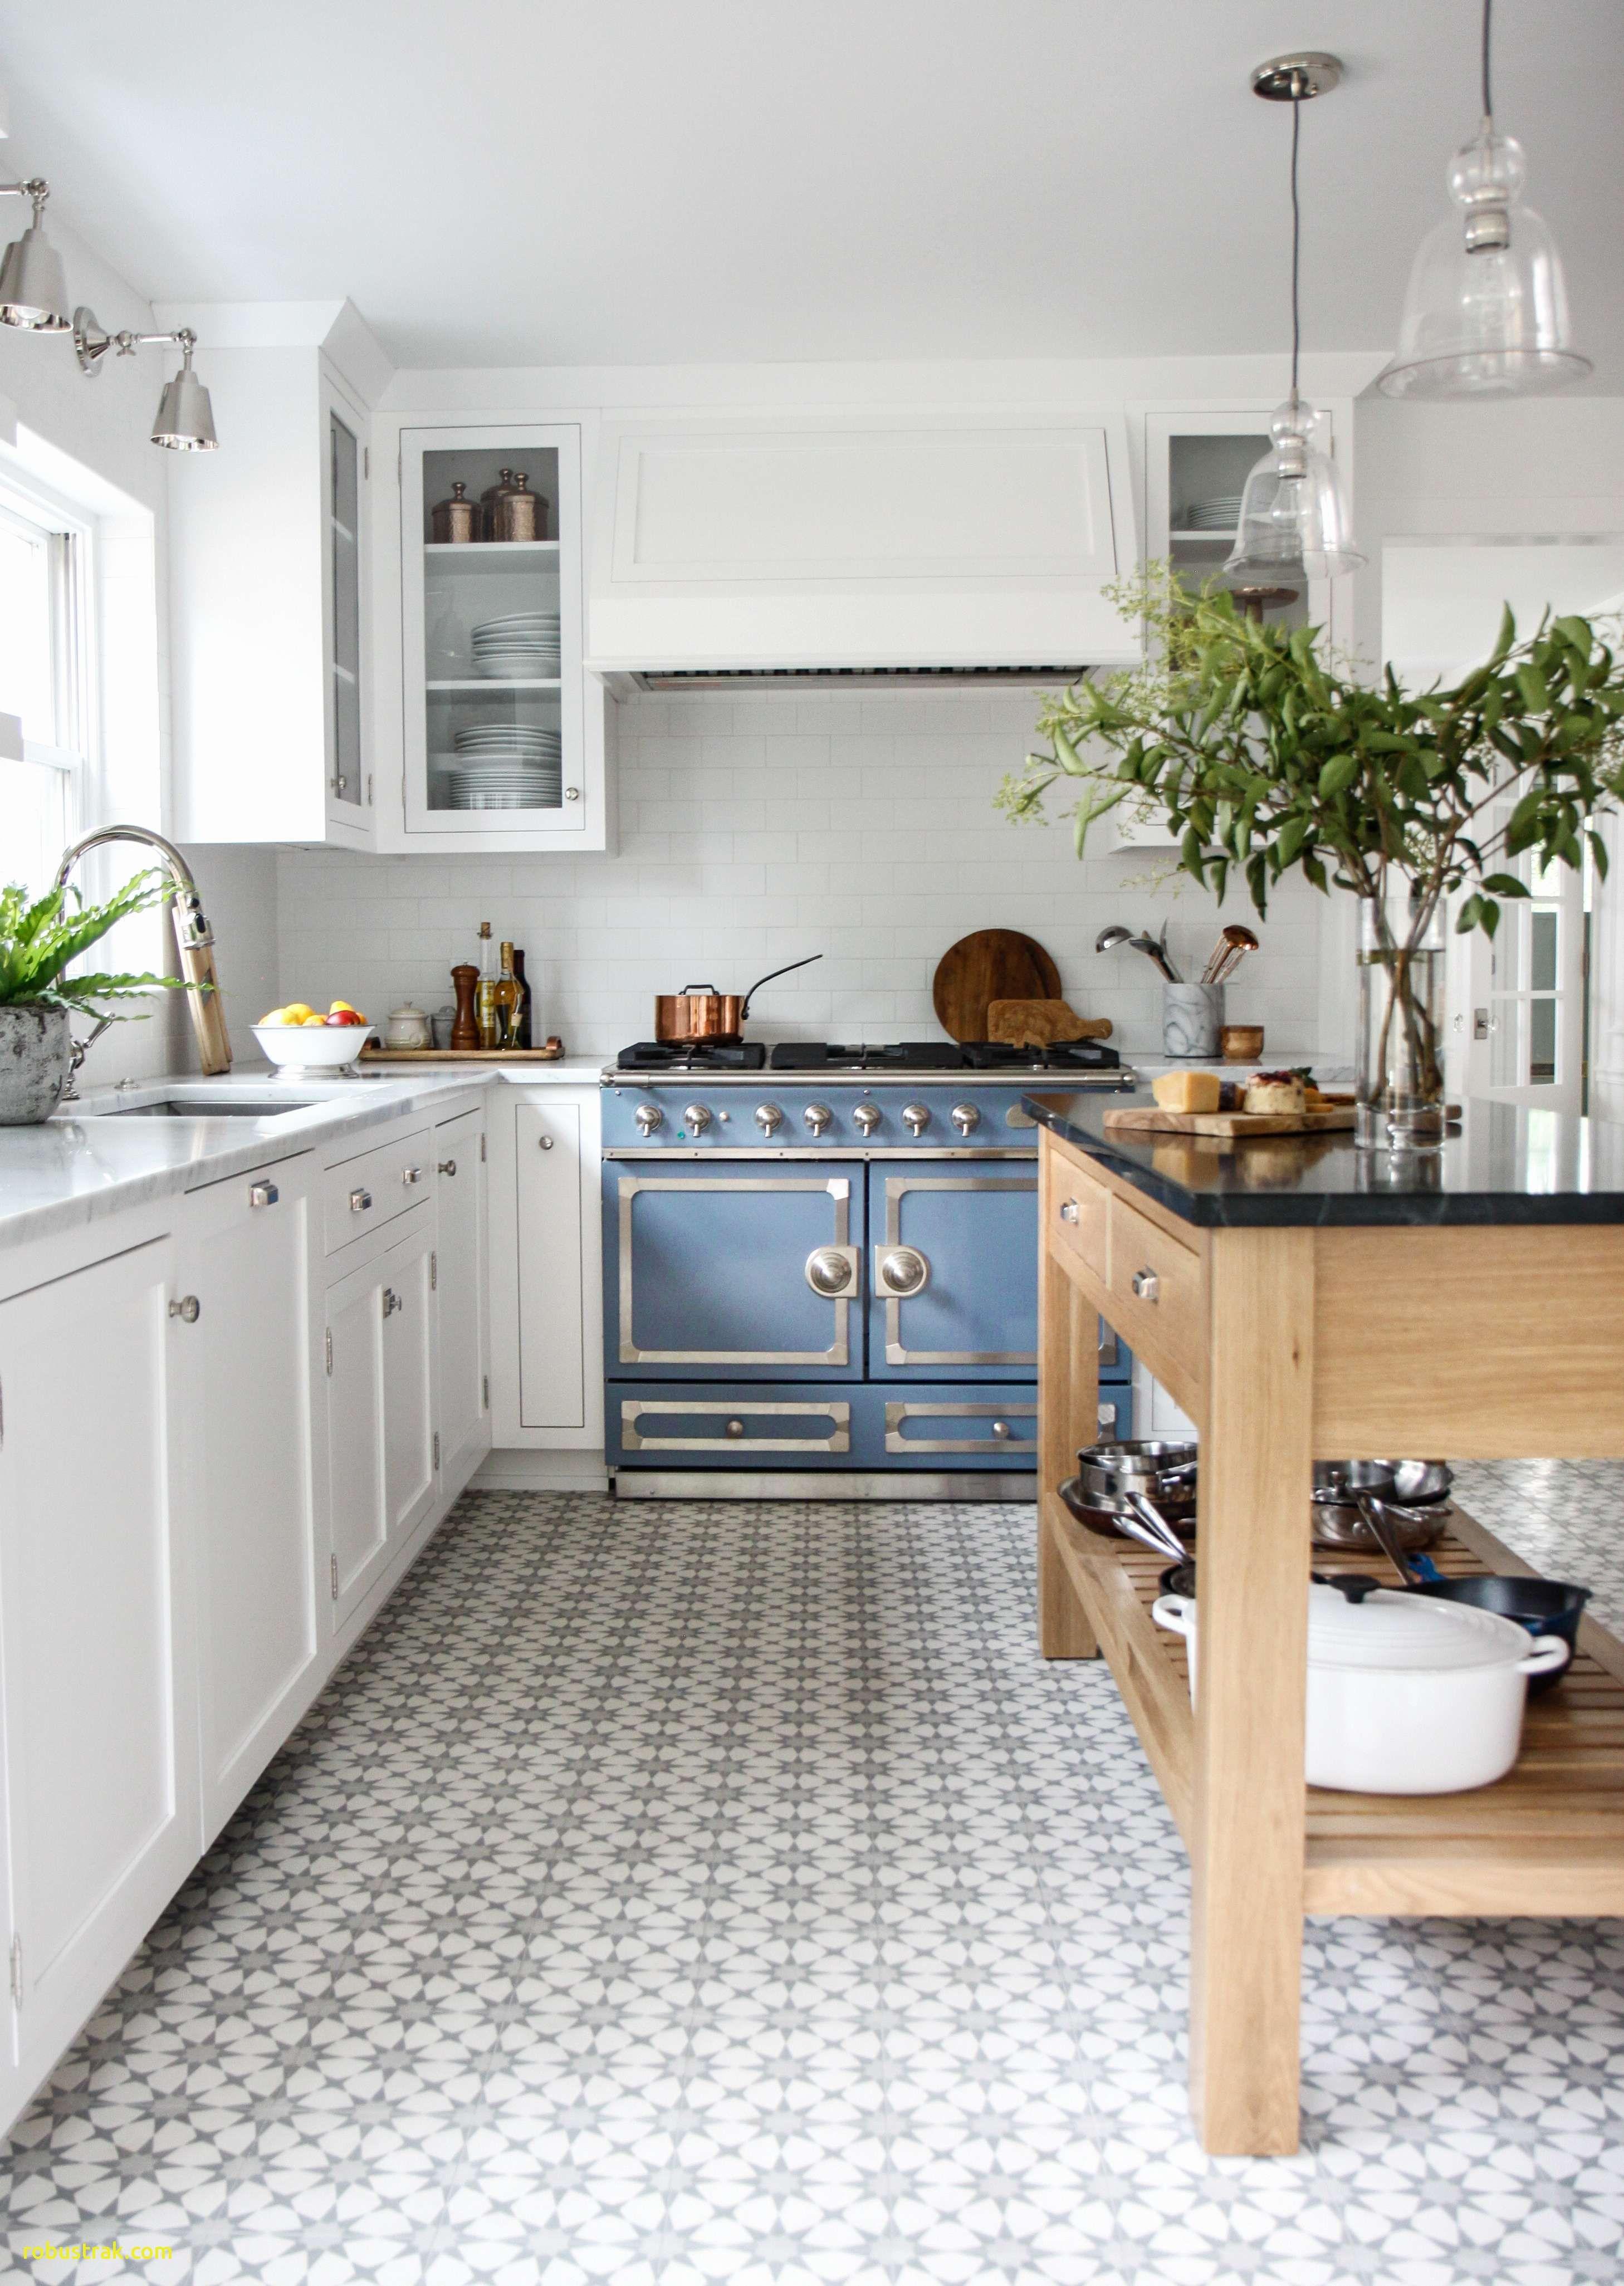 14 High End Kitchen Backsplash Inspiration In 2020 Kitchen Backsplash Inspiration Kitchen Decor Items Kitchen Backsplash Designs